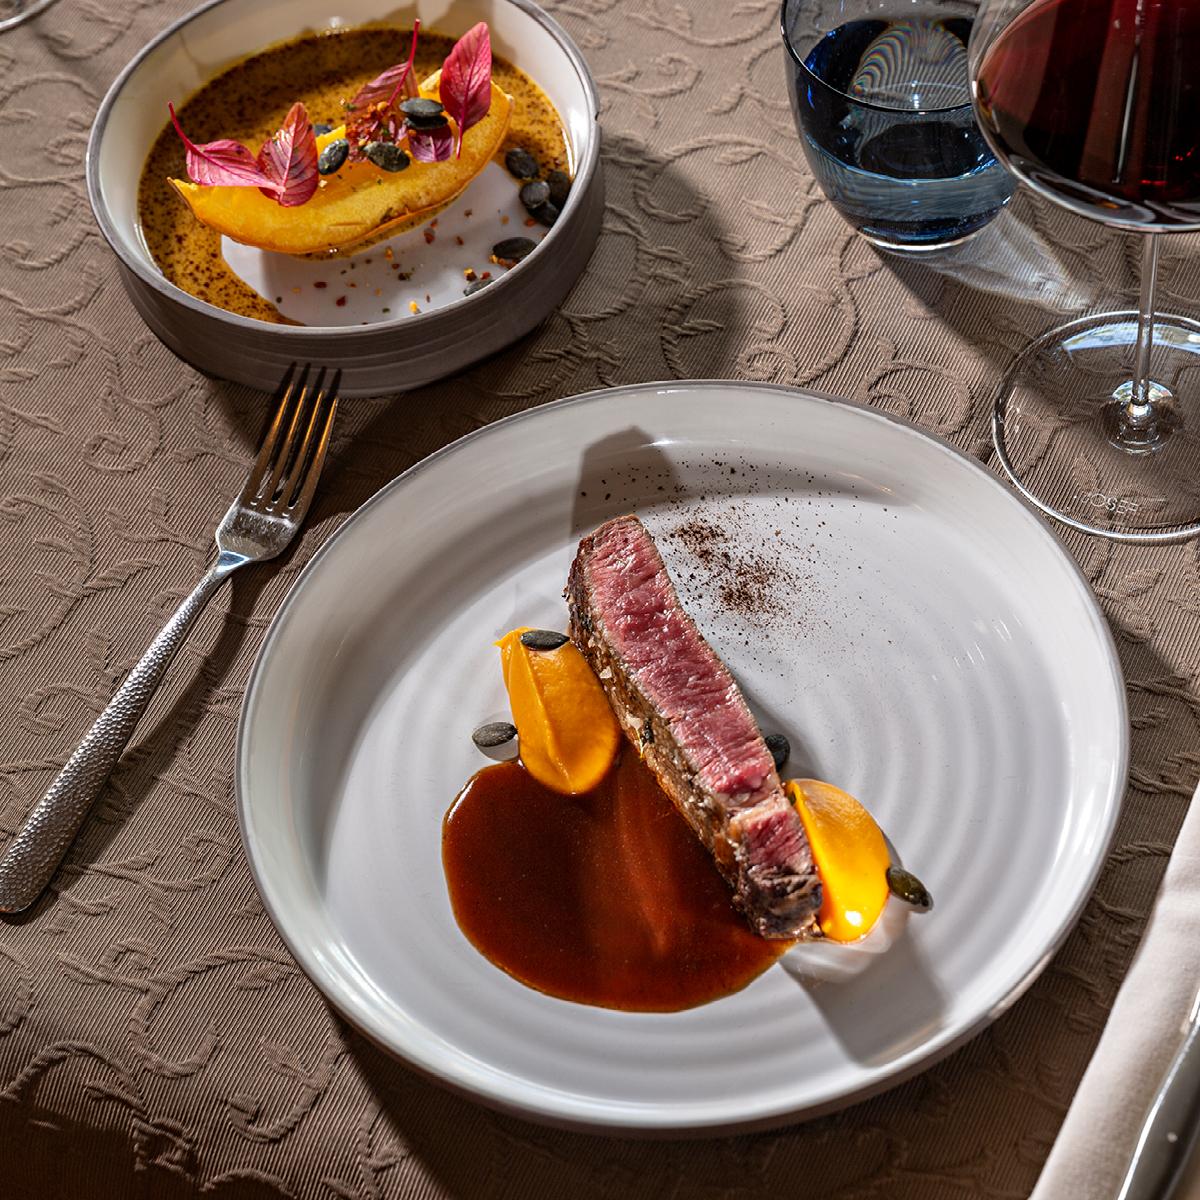 Das Bild zeigt ein köstliches Fleischgericht mit Beilagen und einem Rotweinglas daneben.